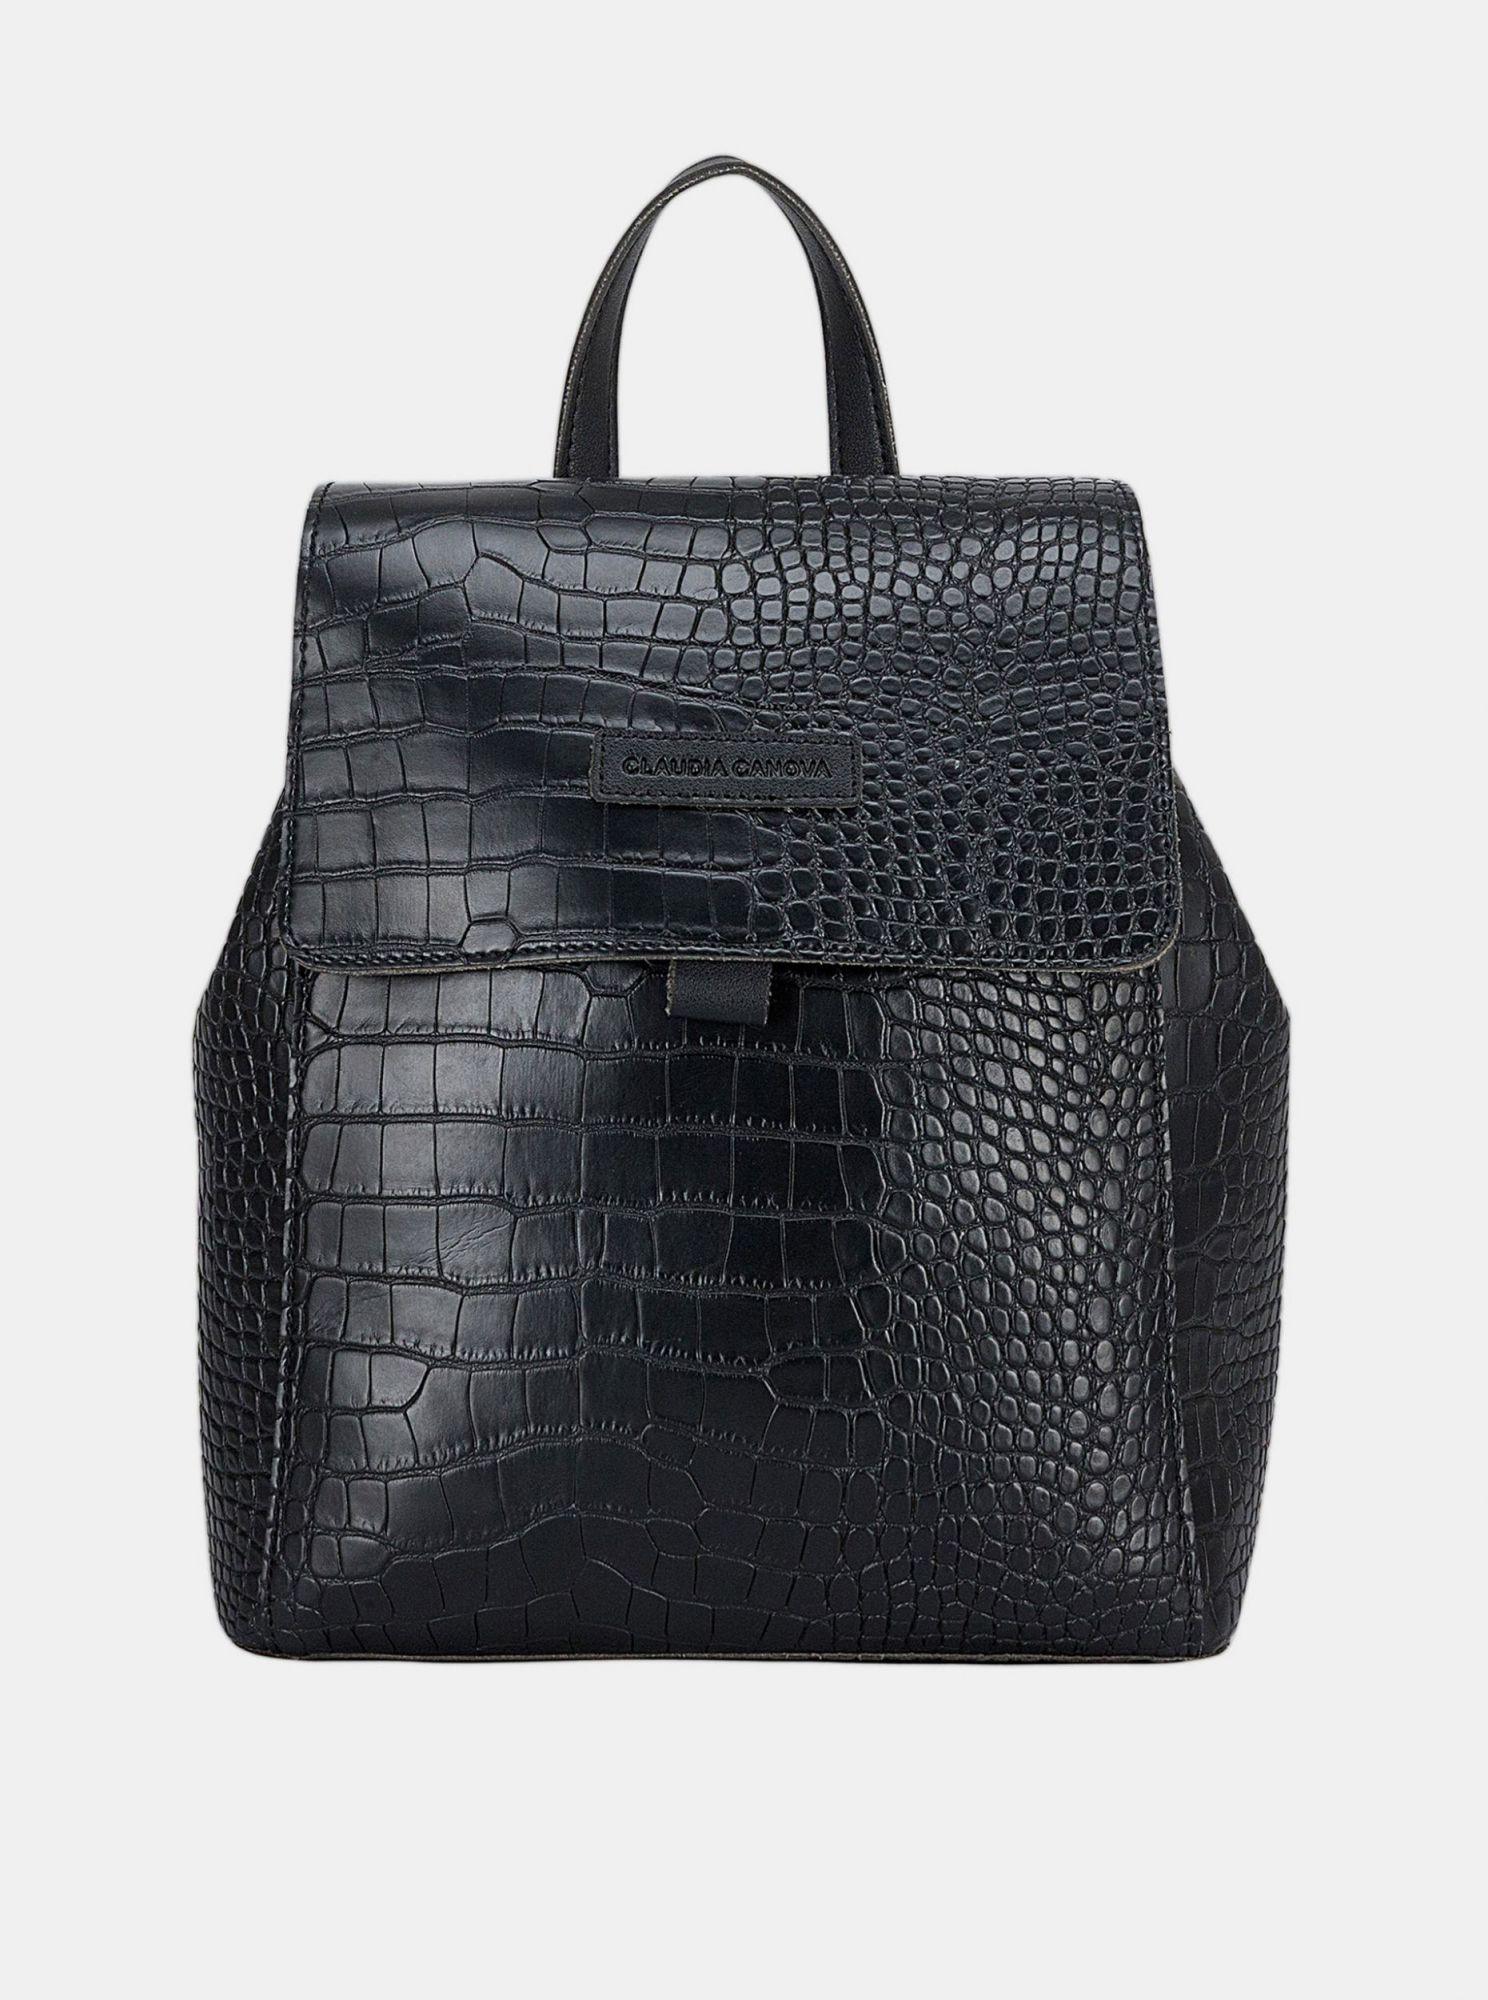 Černý batoh s krokodýlím vzorem Claudia Canova Beth